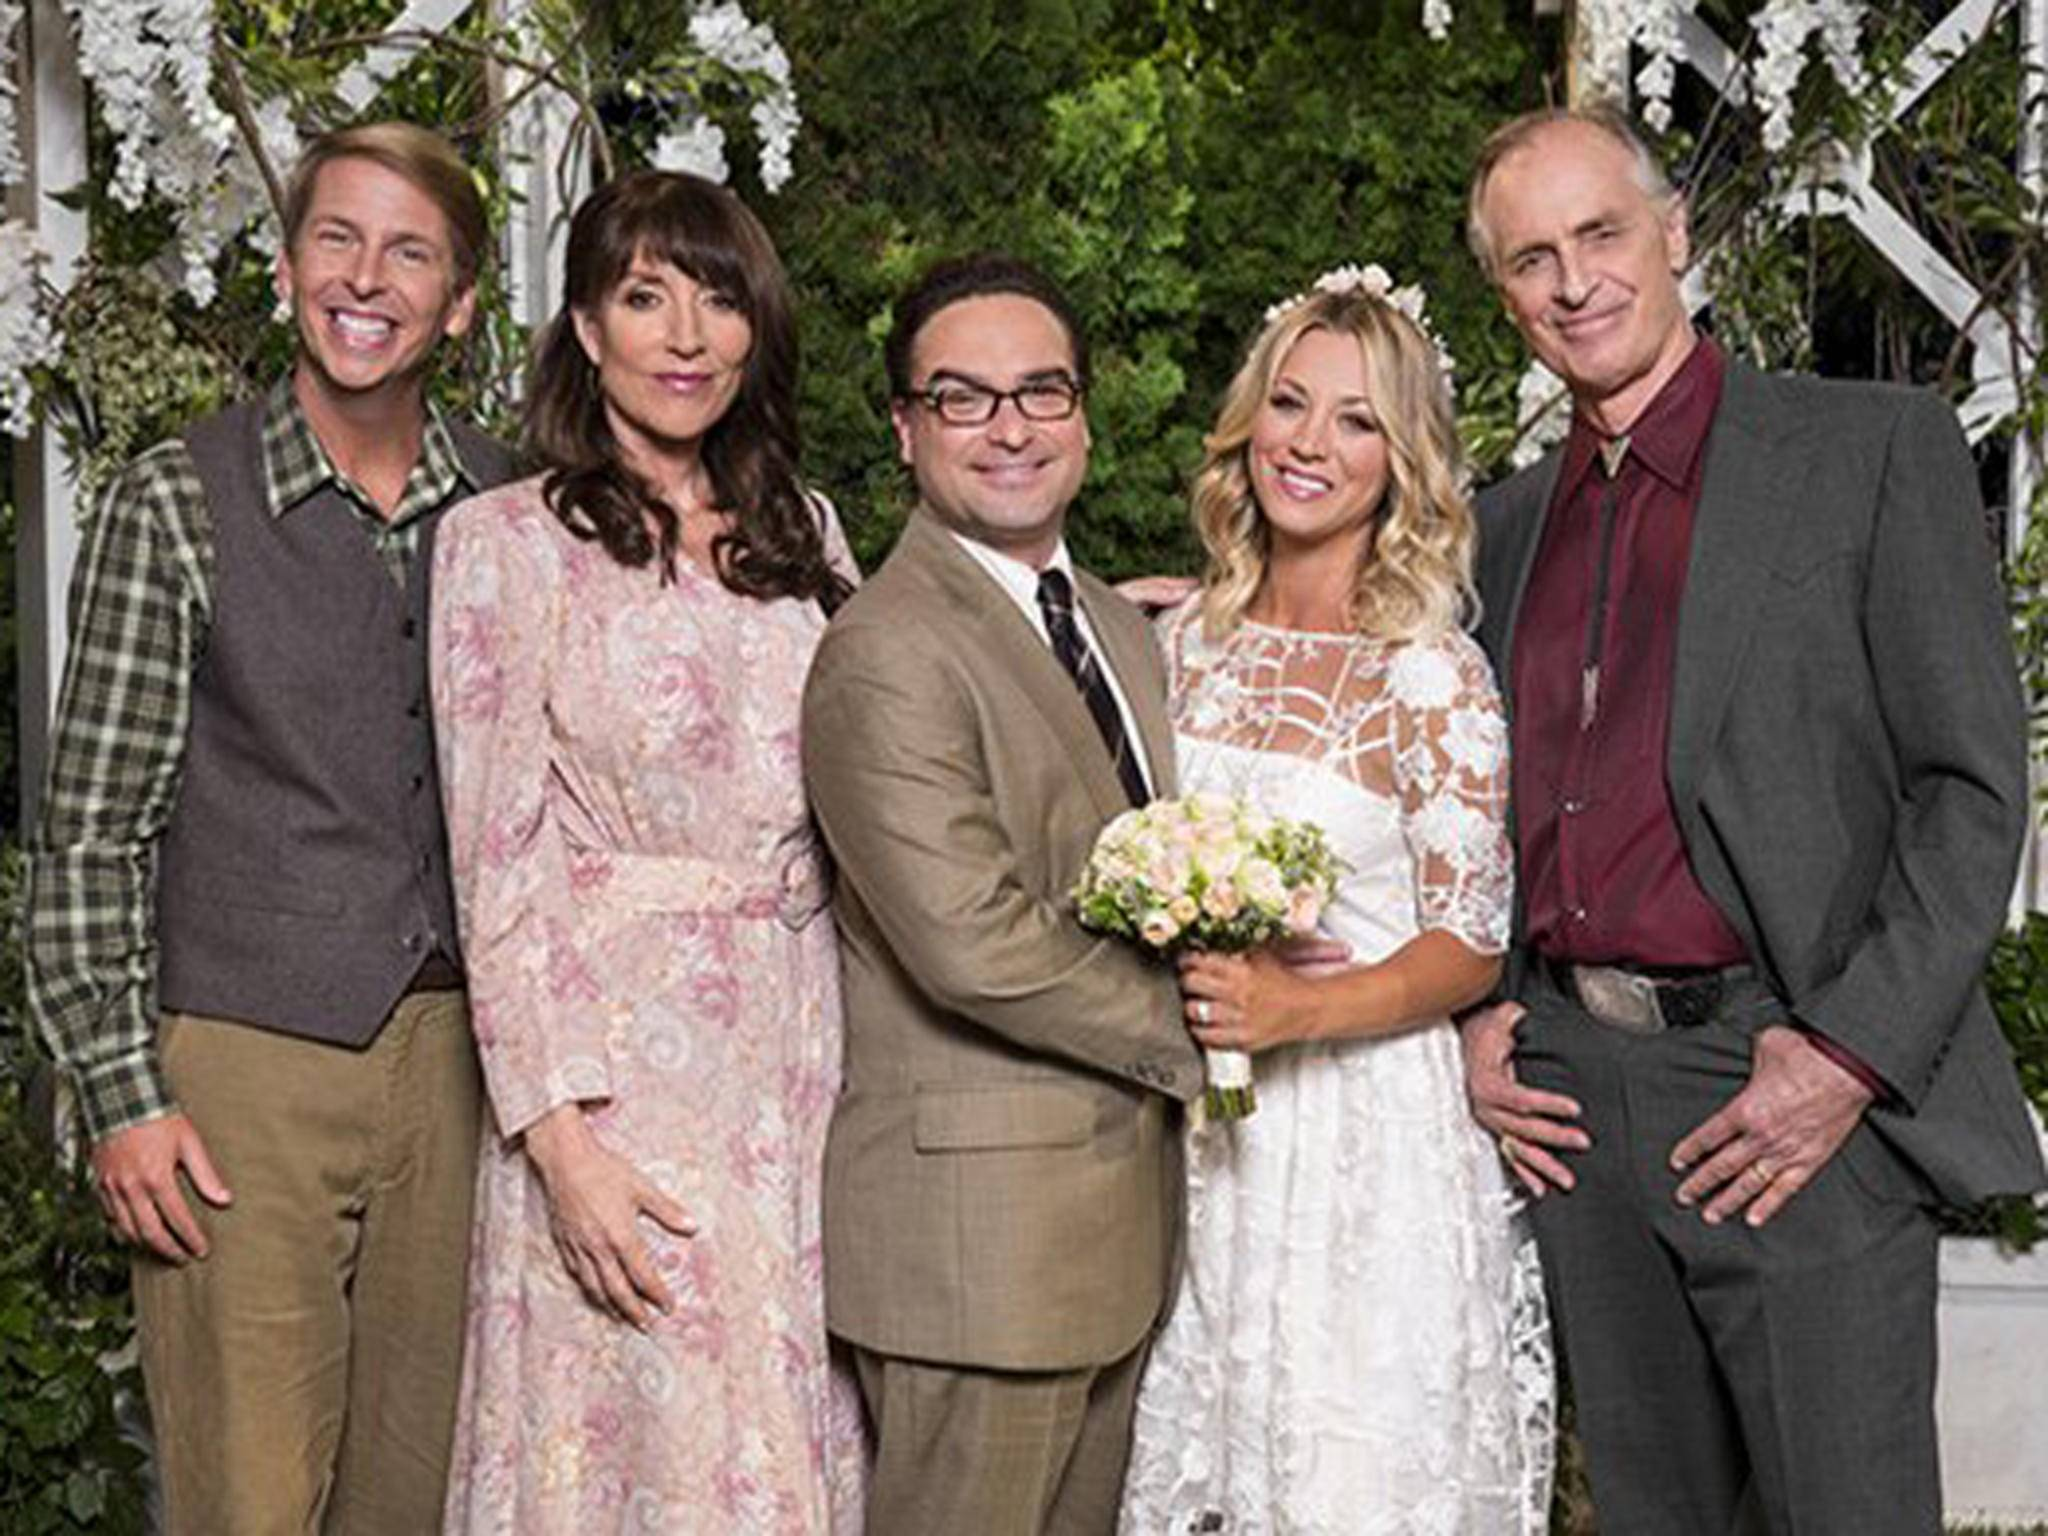 Familienfoto zur Hochzeit. Von links: Randall, Susan, Leonard, Penny, Wyatt.